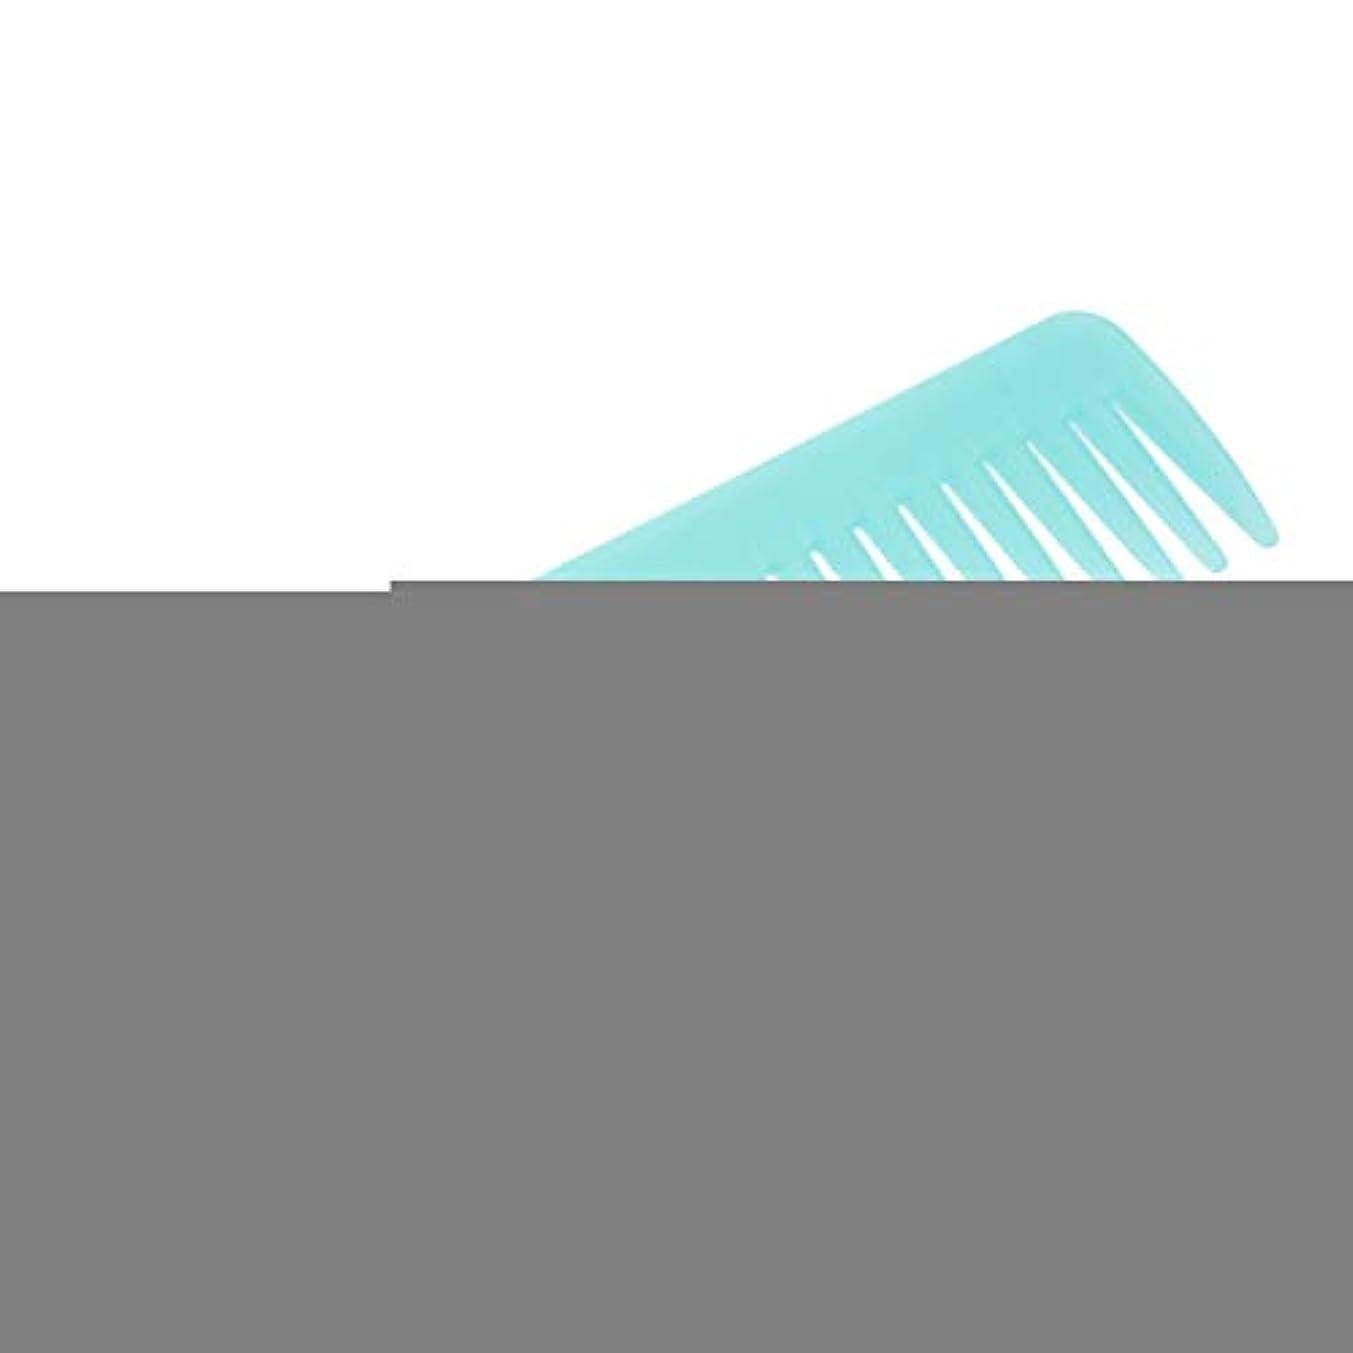 ちょうつがいペチコート防ぐプロの髪のくしゃくしゃヘアーコンディションの櫛幅のあるヘアブラシ - A